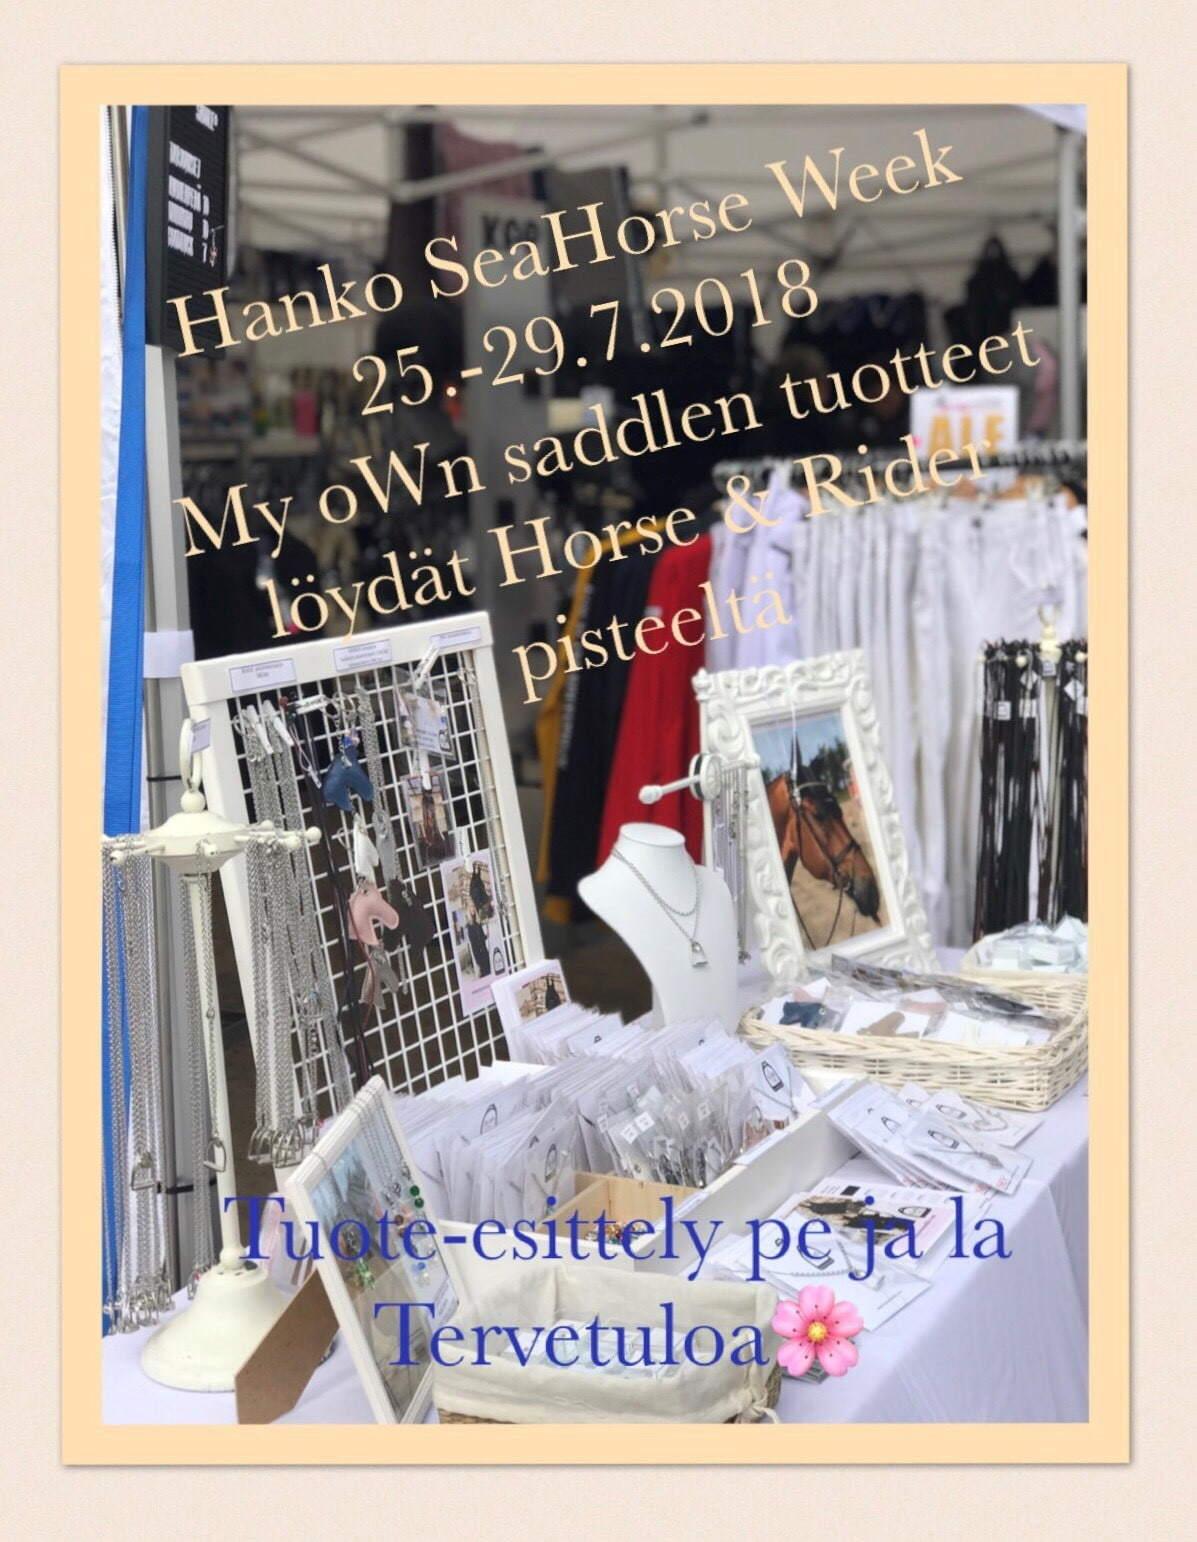 Hanko SeaHorse Week 2018